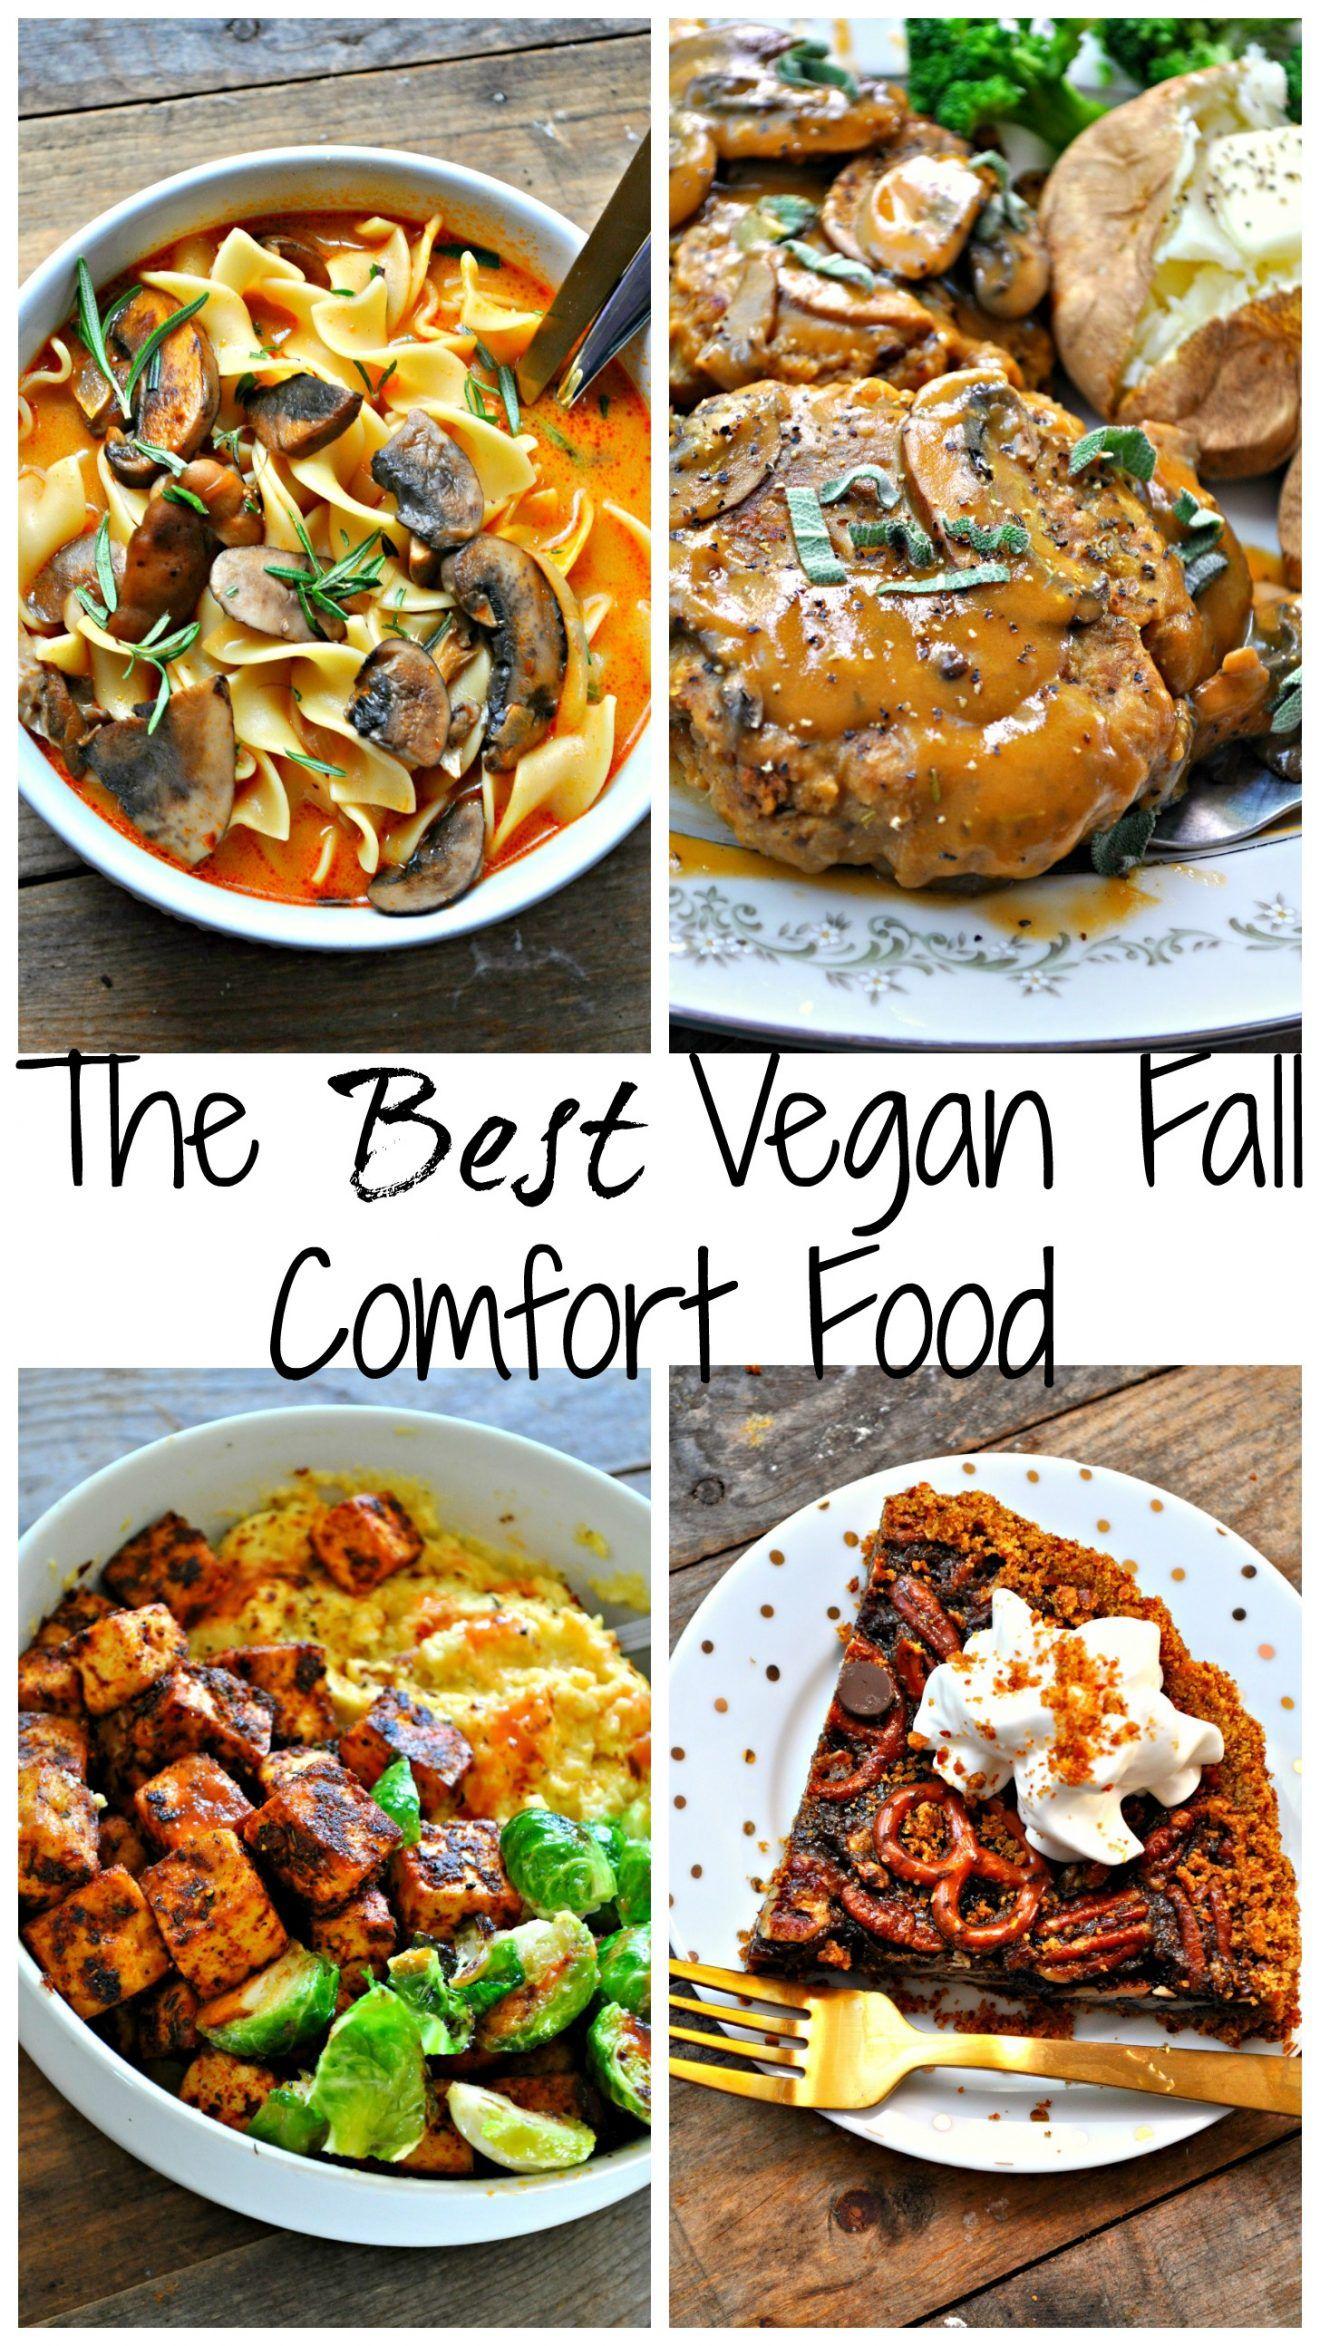 The Best Vegan Fall Comfort Food Vegan Comfort Food Vegan